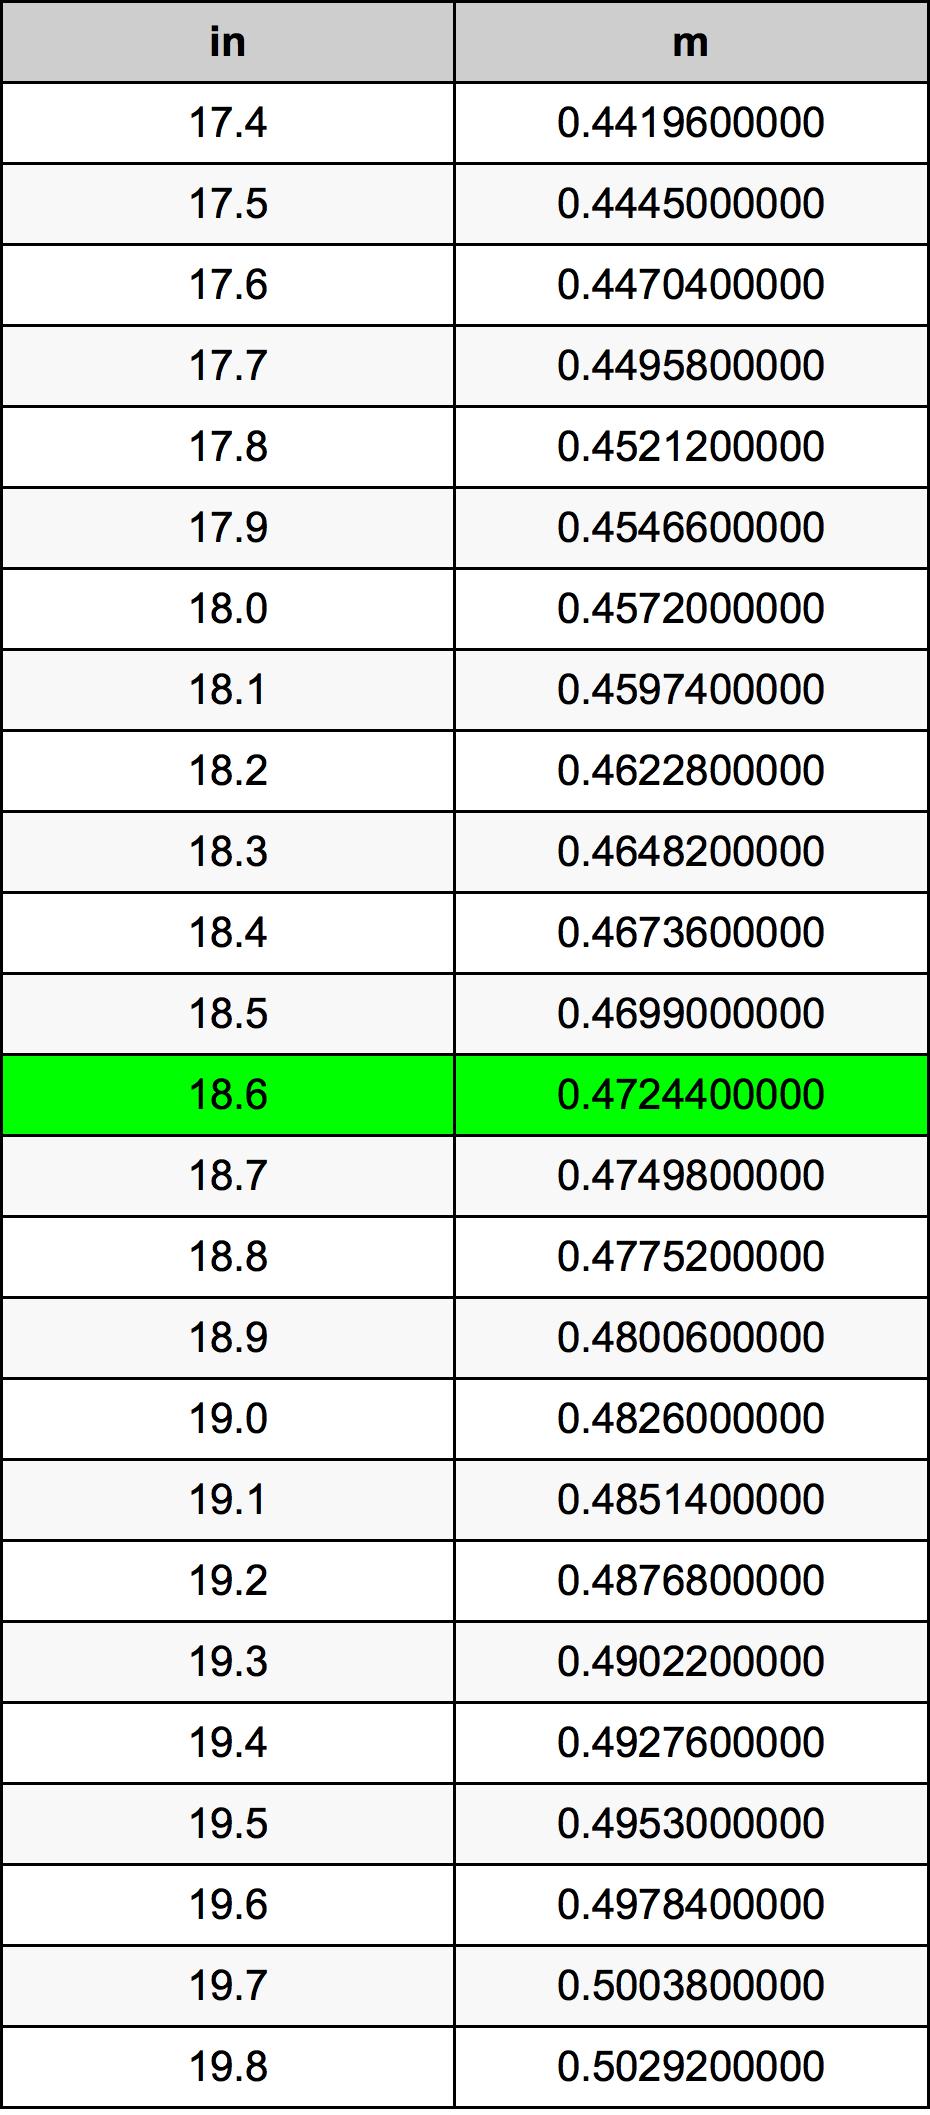 18.6 Țol tabelul de conversie